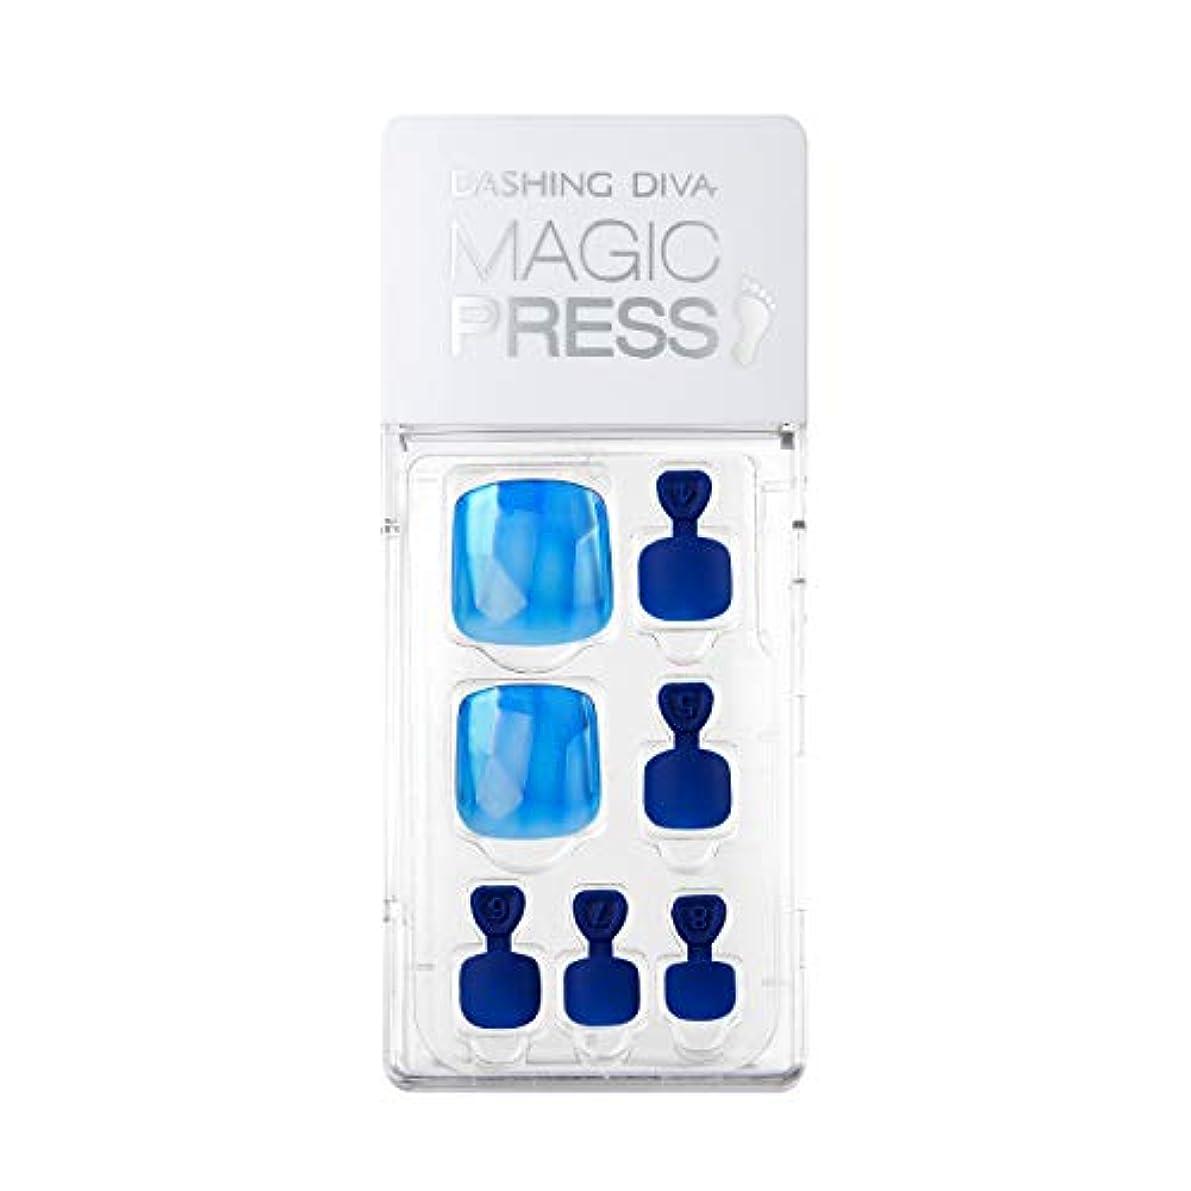 うんざりメタルライン参照ダッシングディバ マジックプレス DASHING DIVA MagicPress MDR_362P-DURY+ オリジナルジェル ネイルチップ Blue Gem